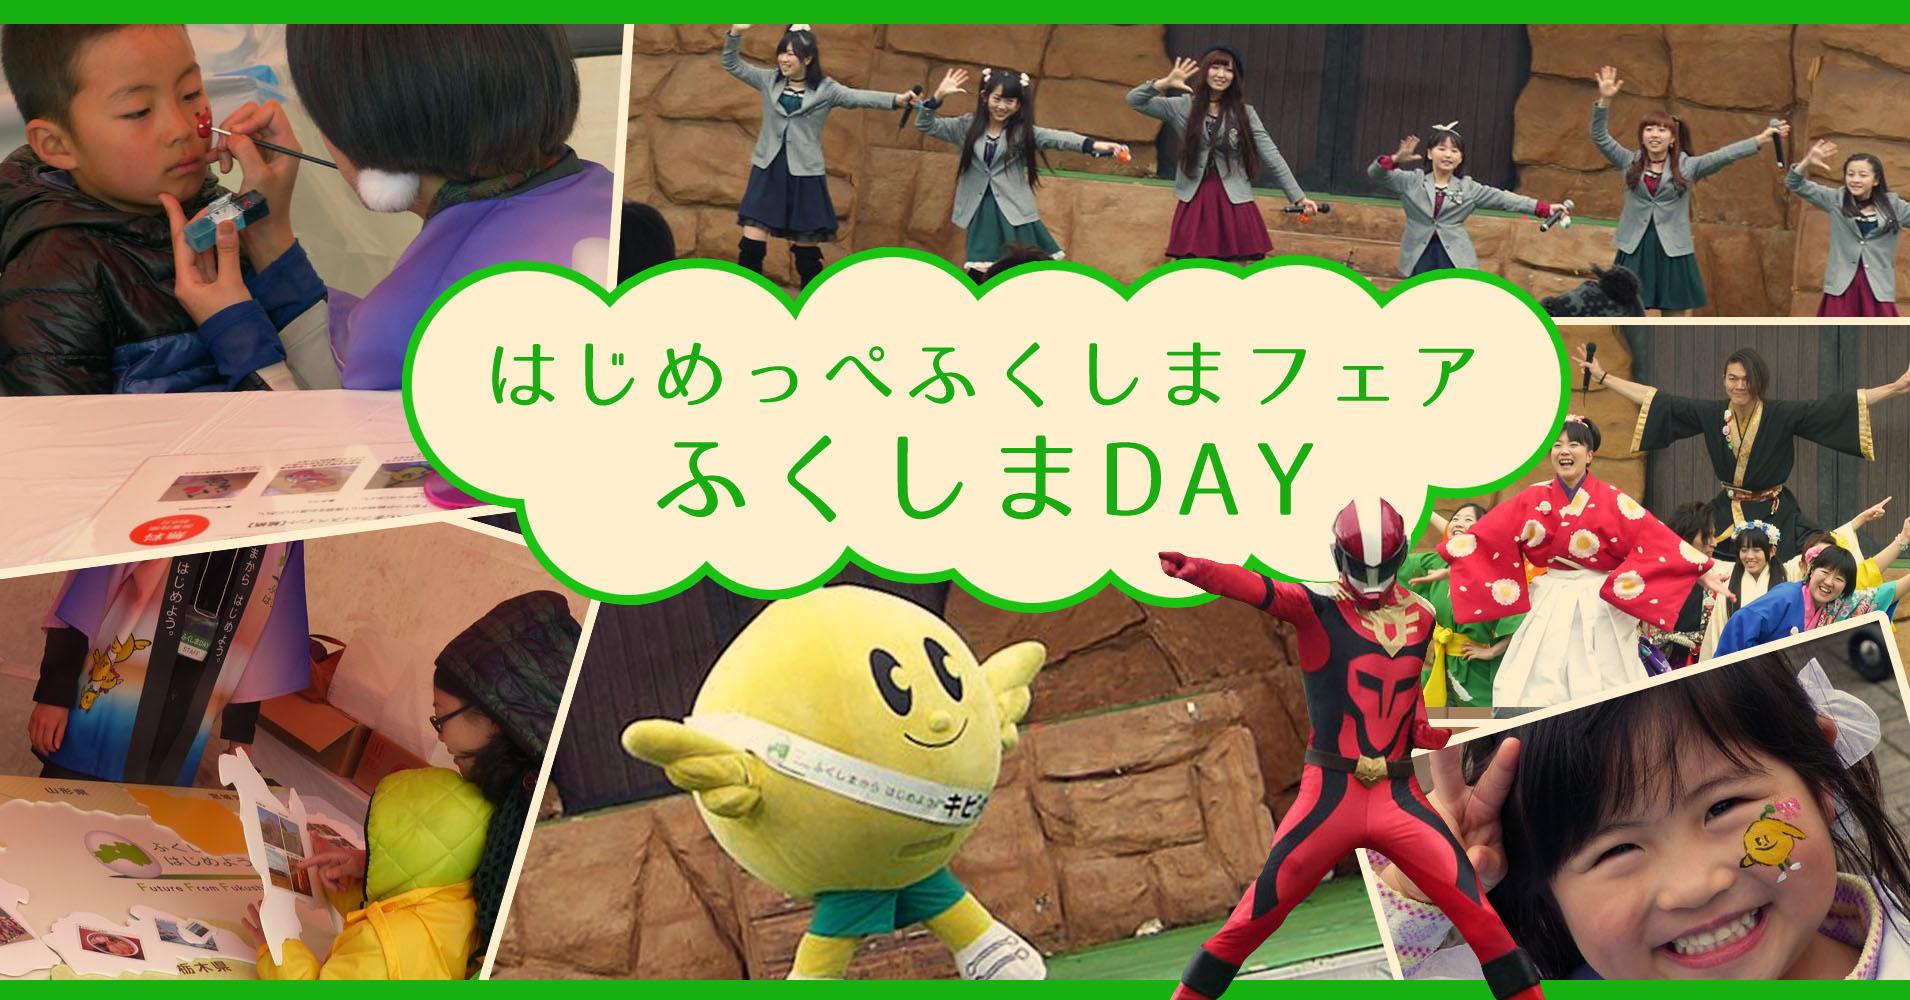 福島のご当地アイドル&ヒーローも登場! よみうりランドで行われた「ふくしまDAY」で楽しく復興